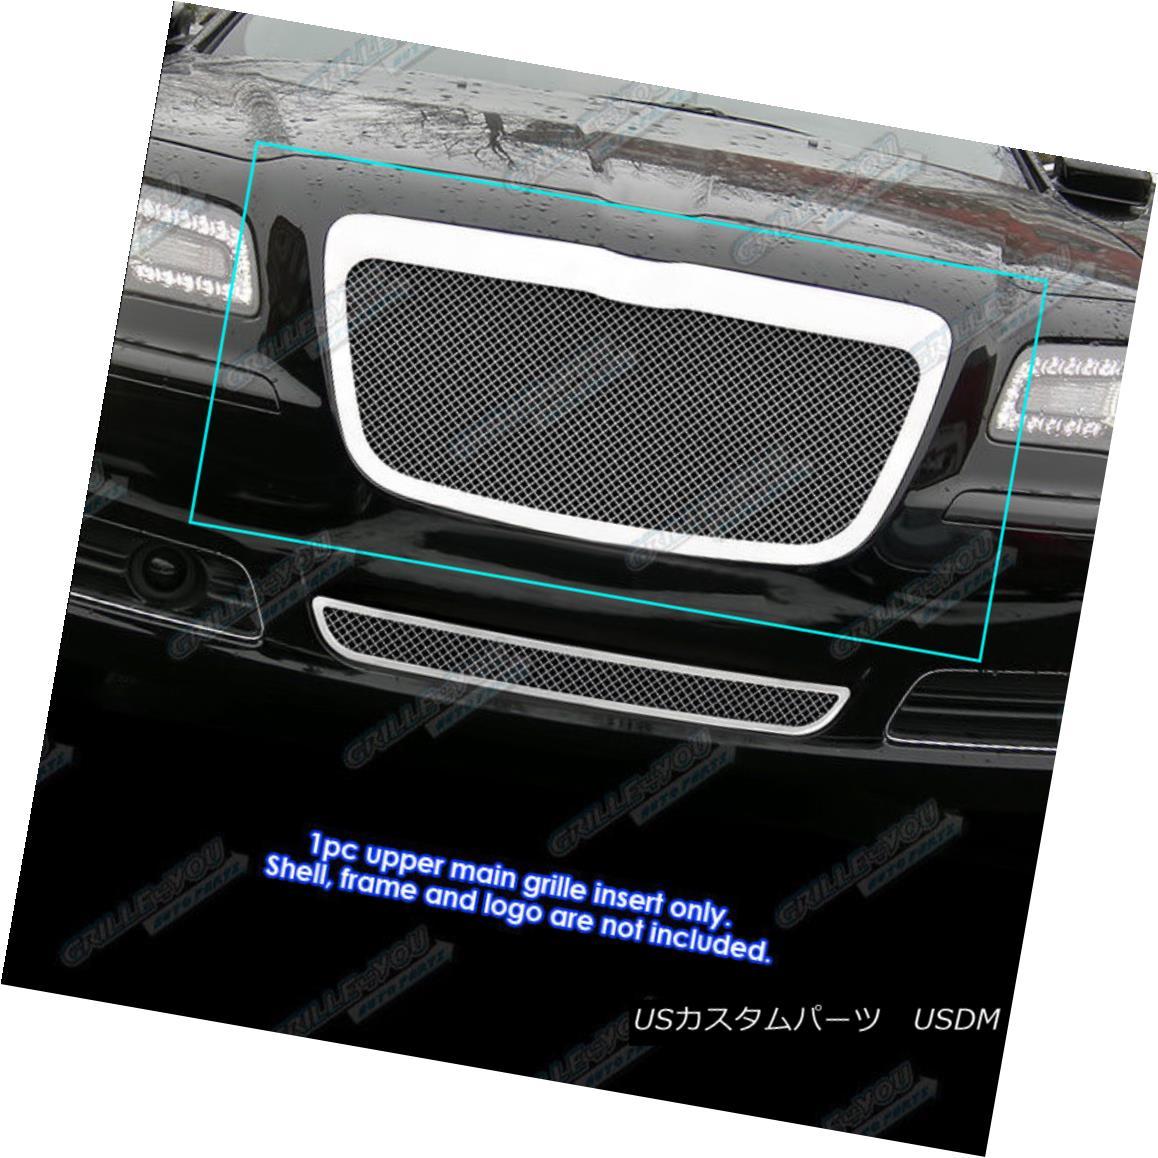 グリル For 2011-2014 Chrysler 300/300C Stainless Steel Mesh Grille Grill Insert 2011-2014クライスラー300 / 300Cステンレスメッシュグリルグリルインサート用